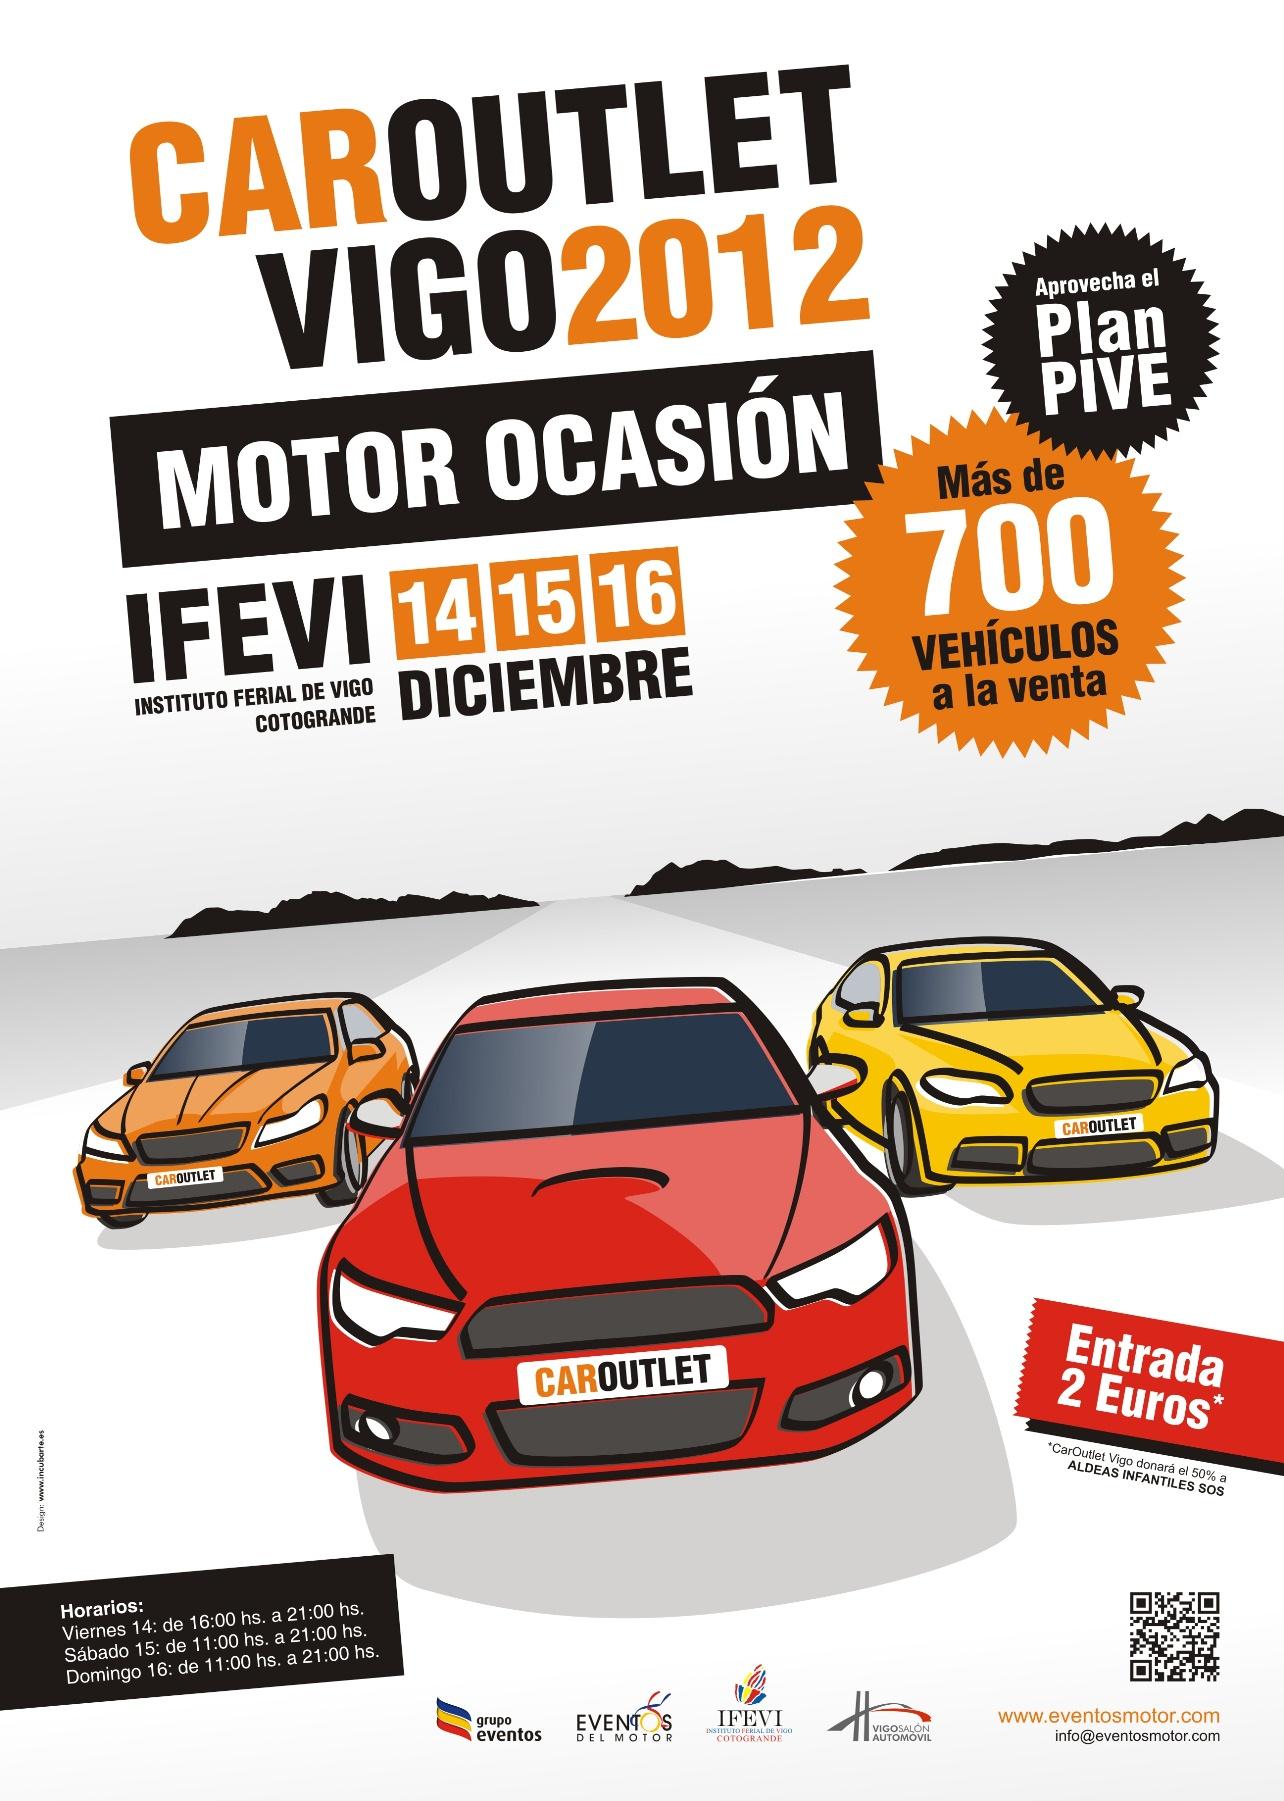 Caroutlet Vigo 2012